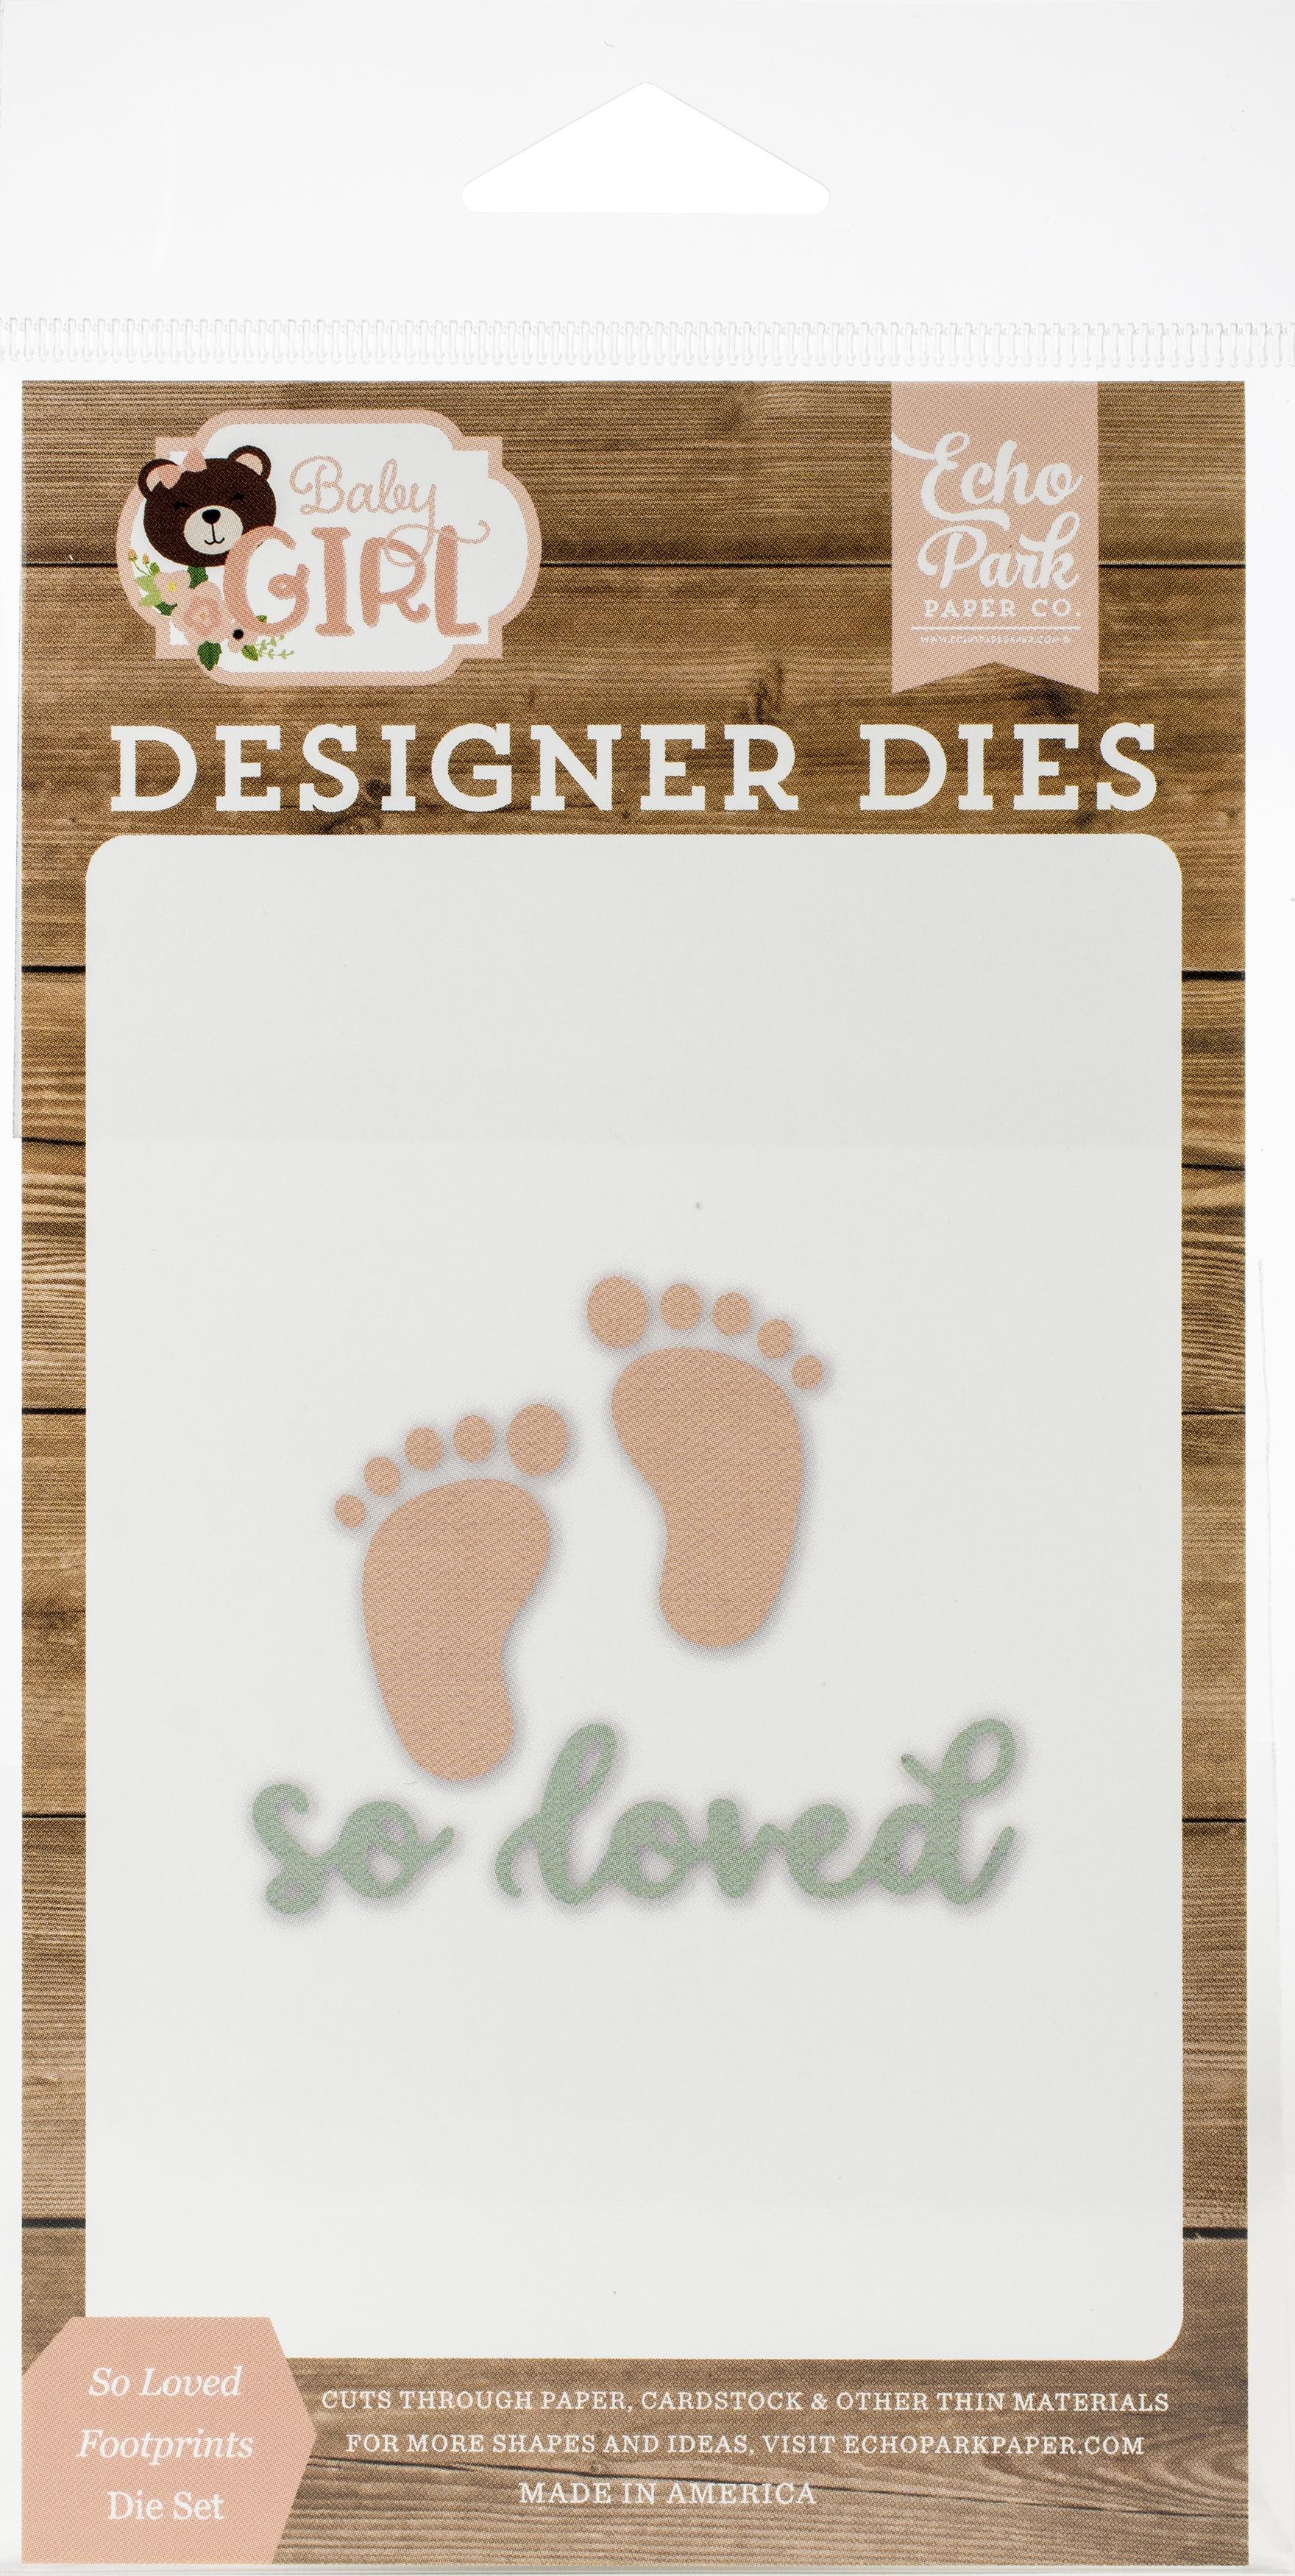 Echo Park Baby Girl Collection Designer Die - So Loved Footprints Die Set